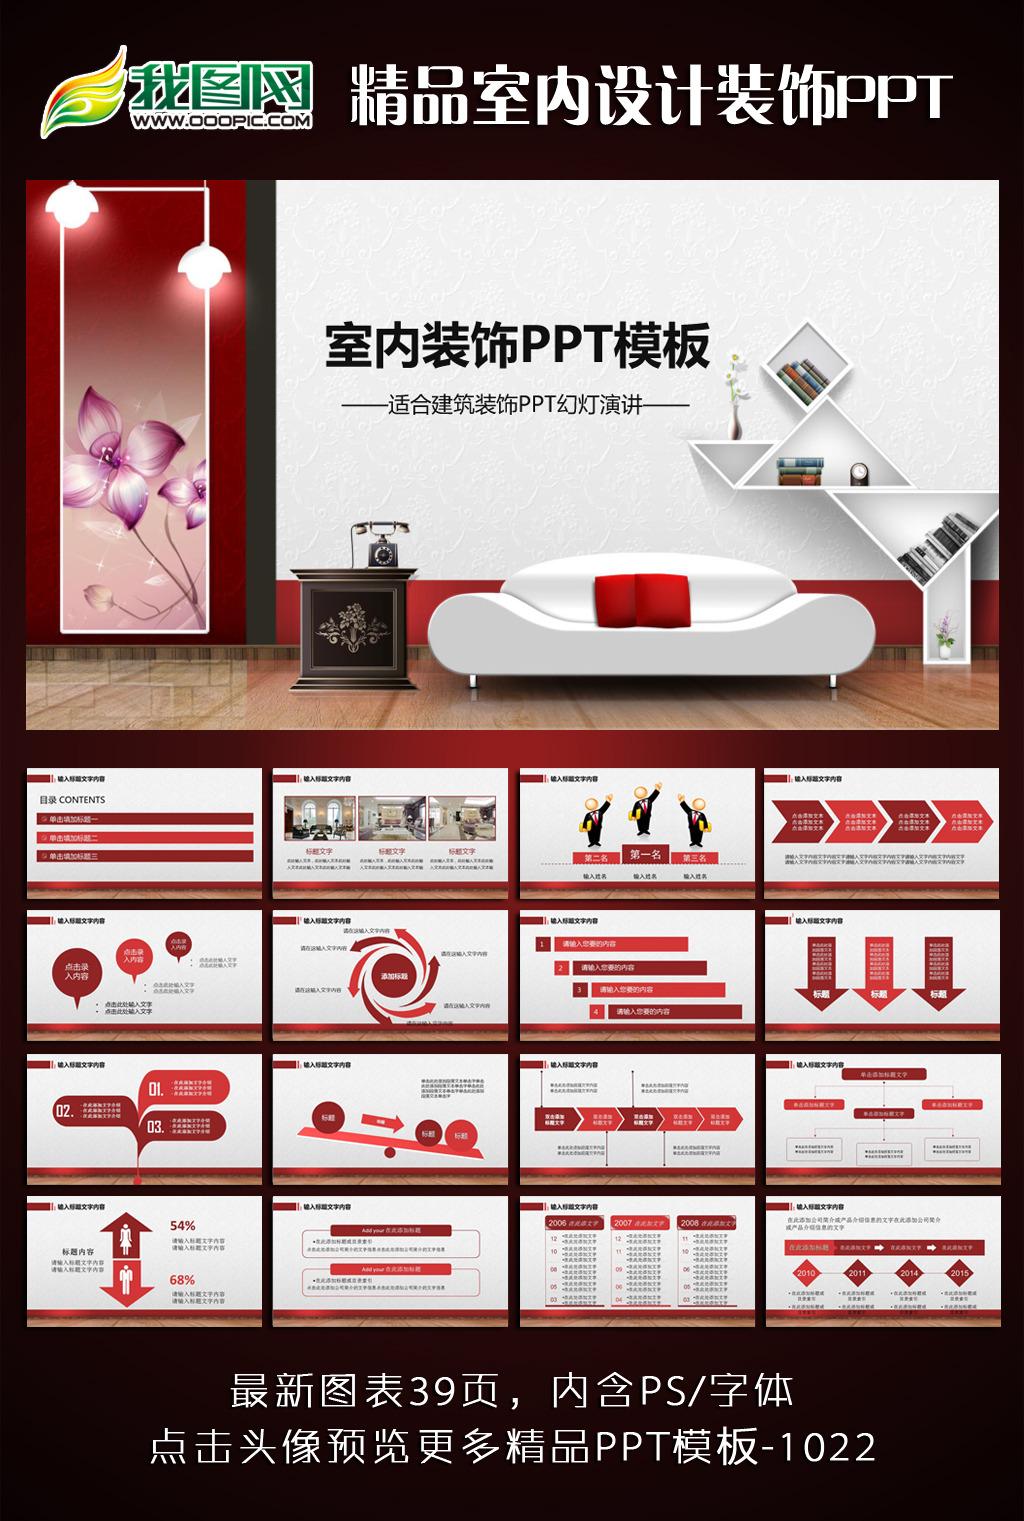 红色大气室内装饰设计ppt动态模版含ps模板下载